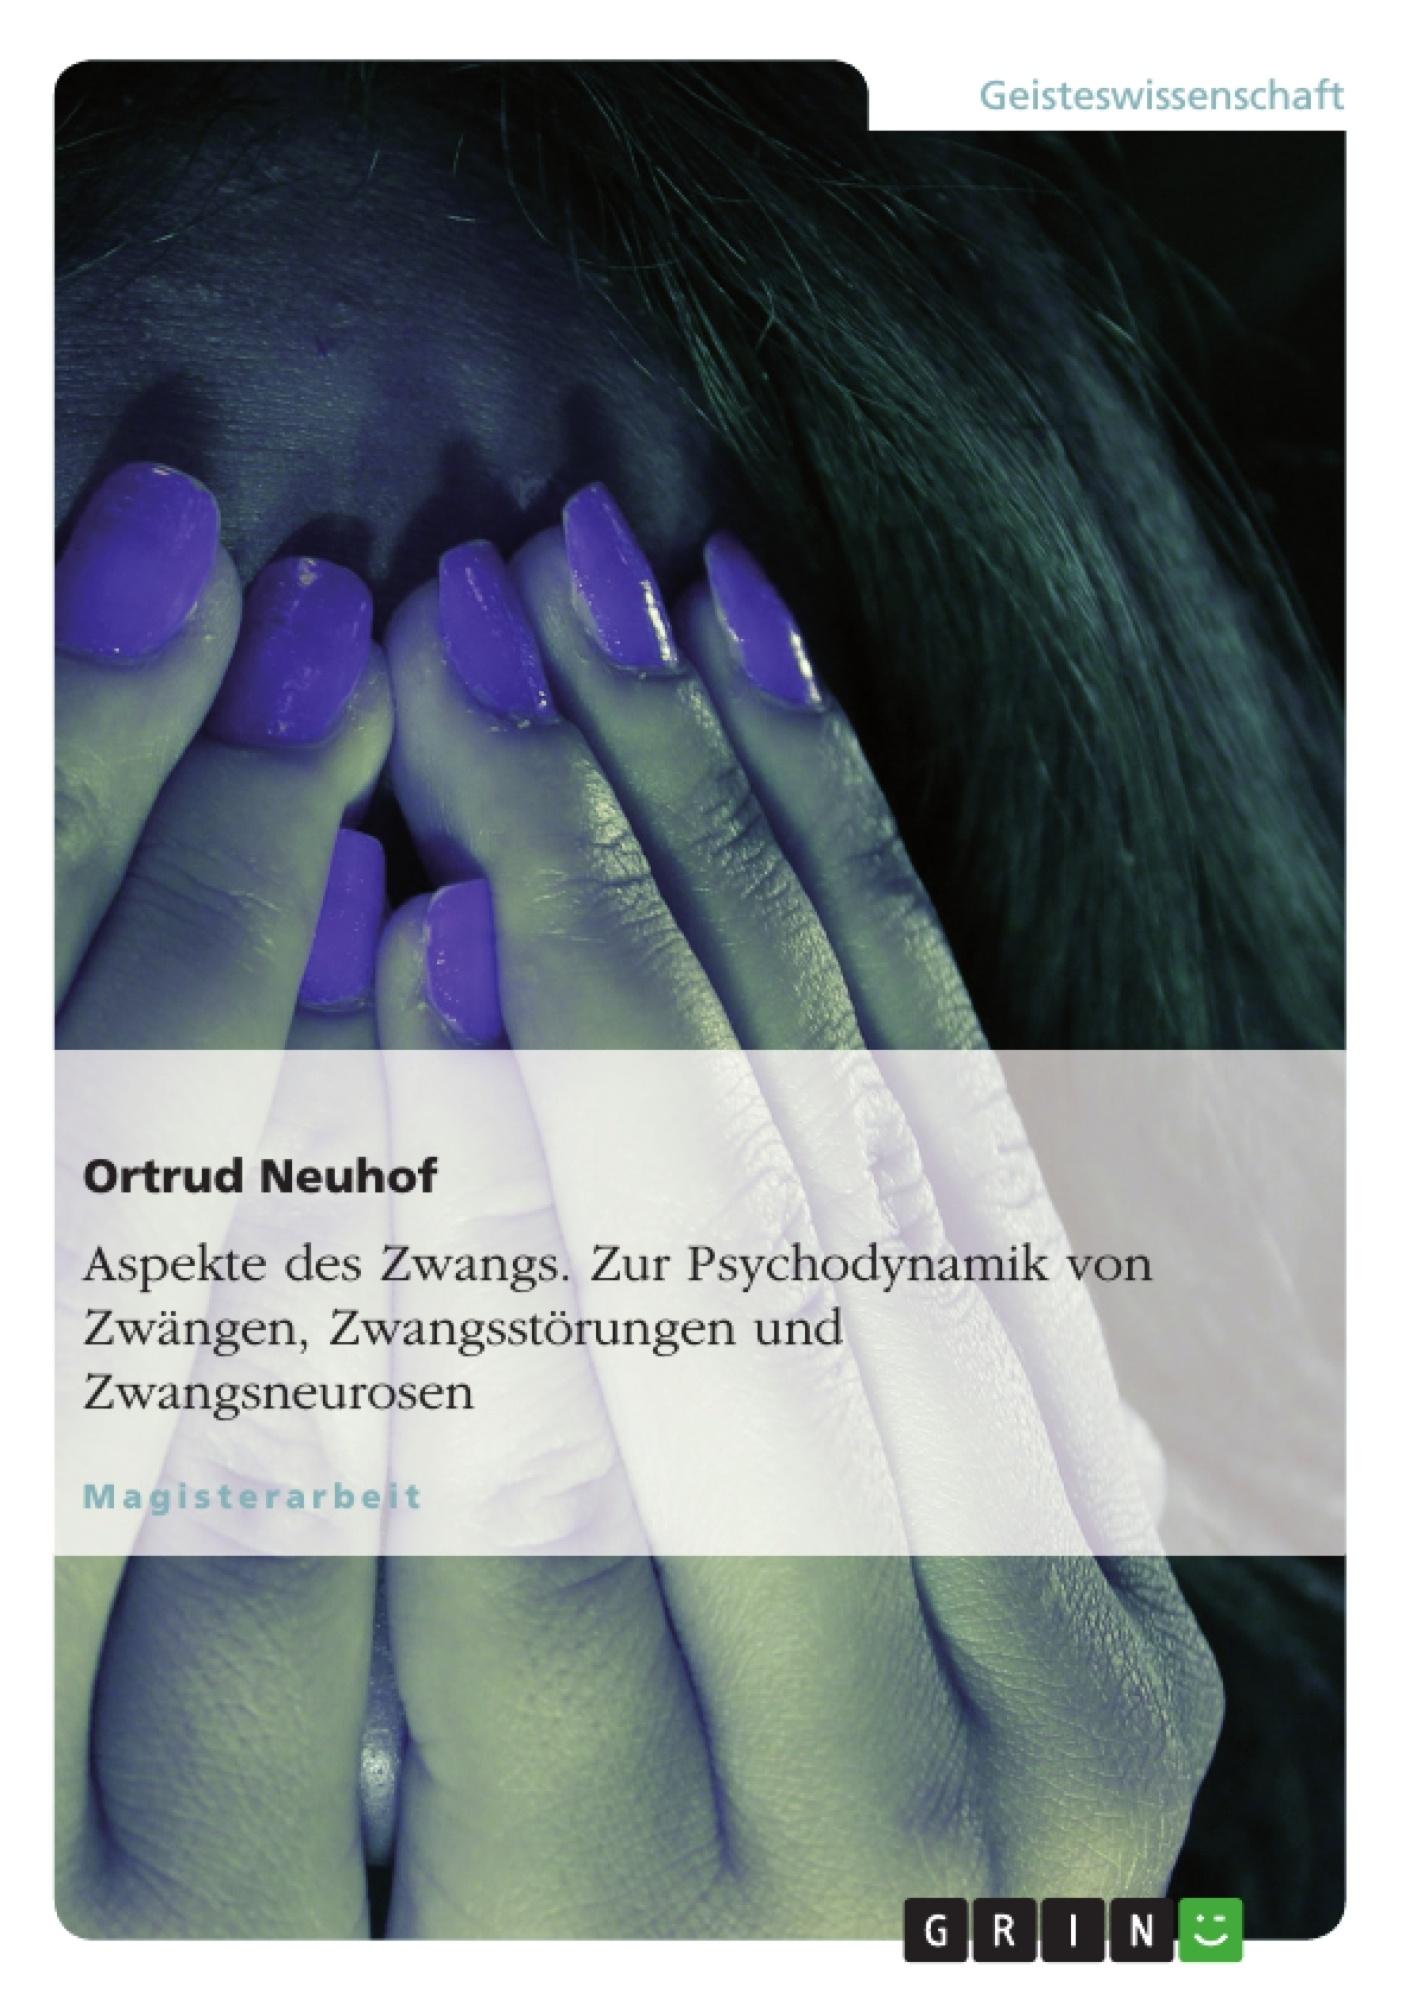 Titel: Aspekte des Zwangs. Zur Psychodynamik von Zwängen, Zwangsstörungen und Zwangsneurosen